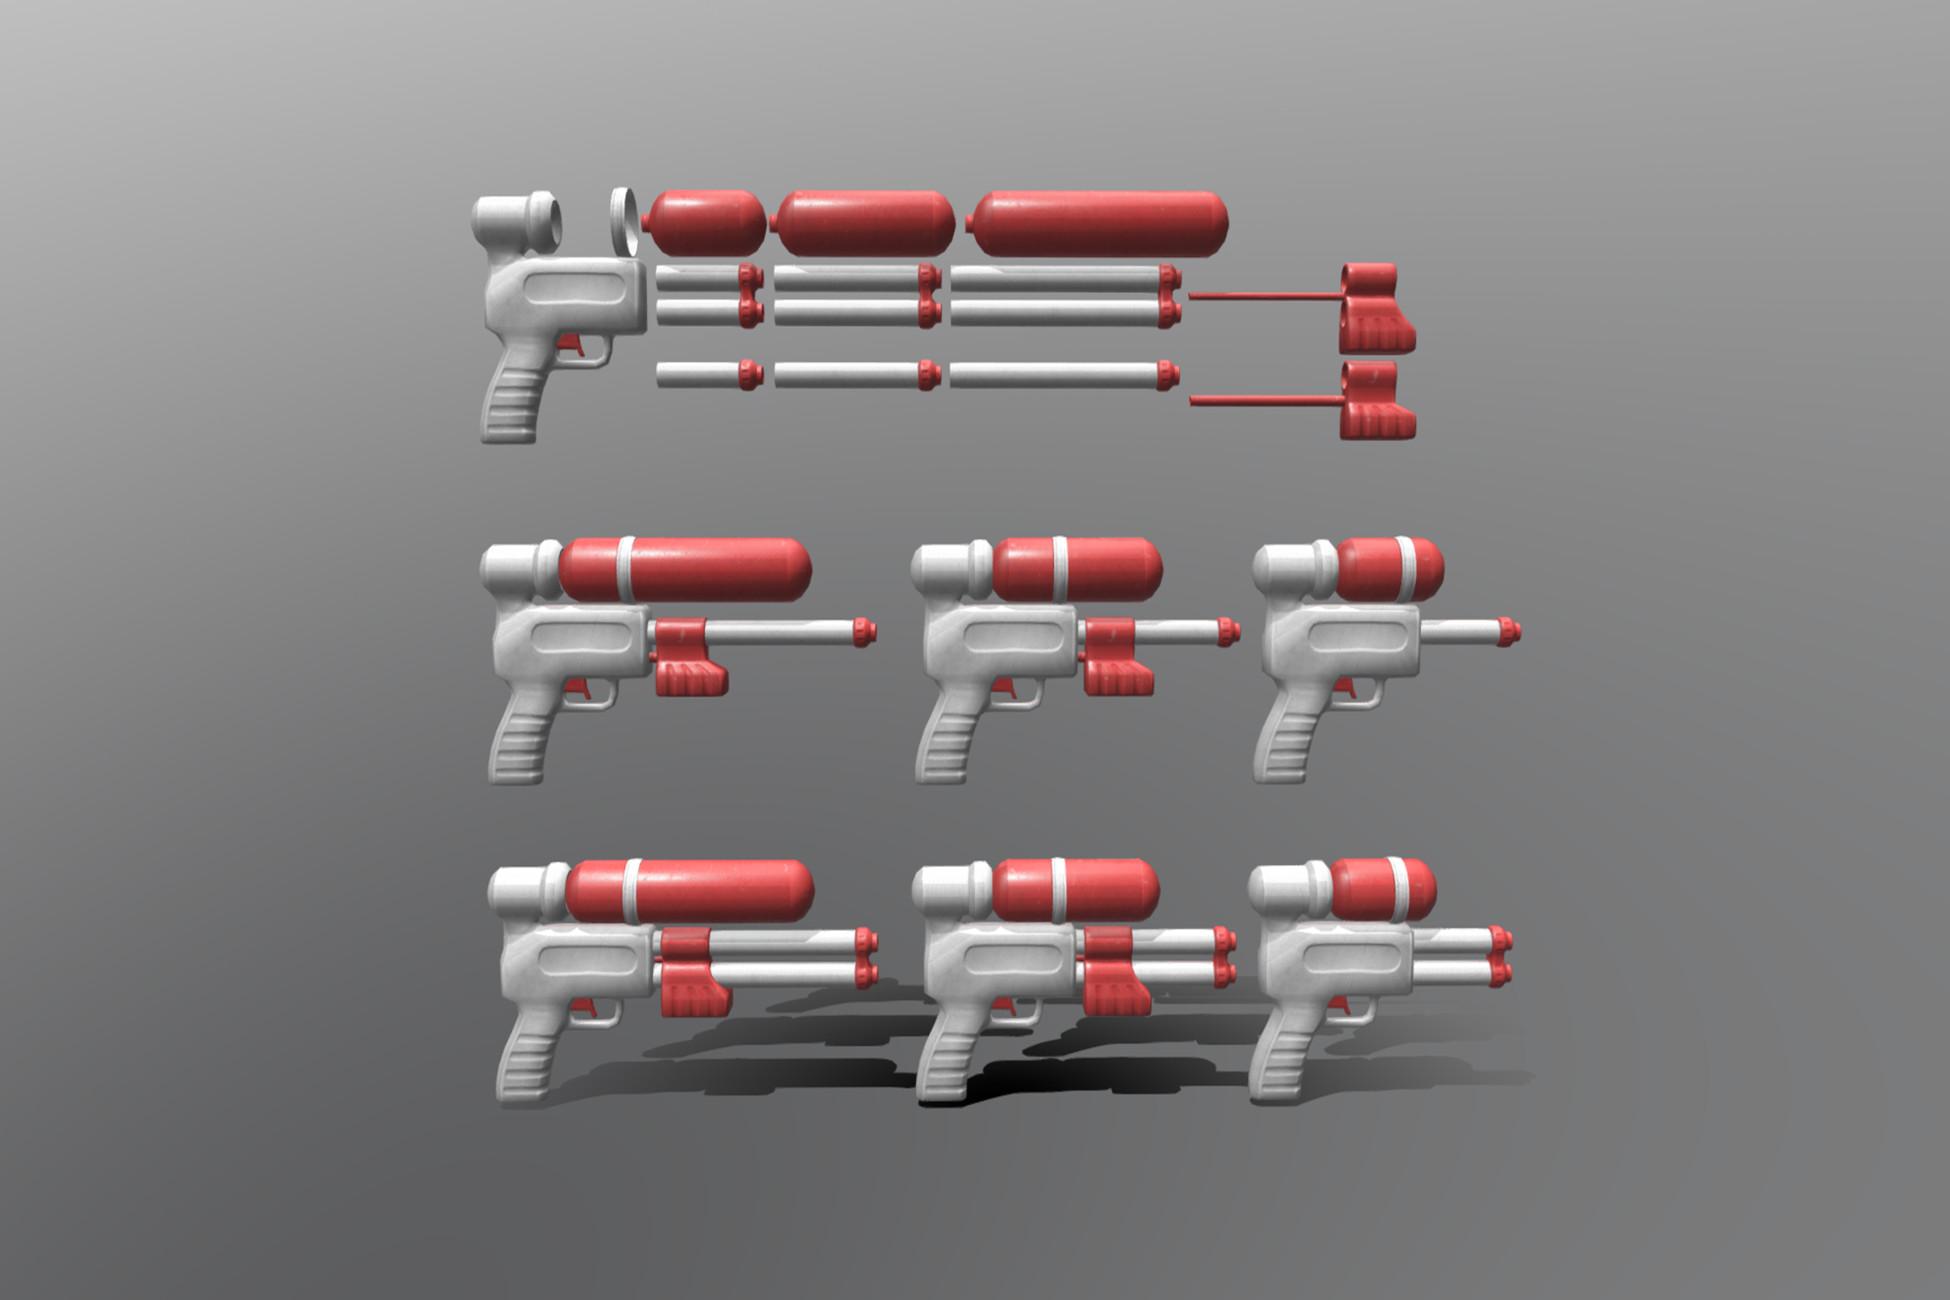 Modular Water Pistol